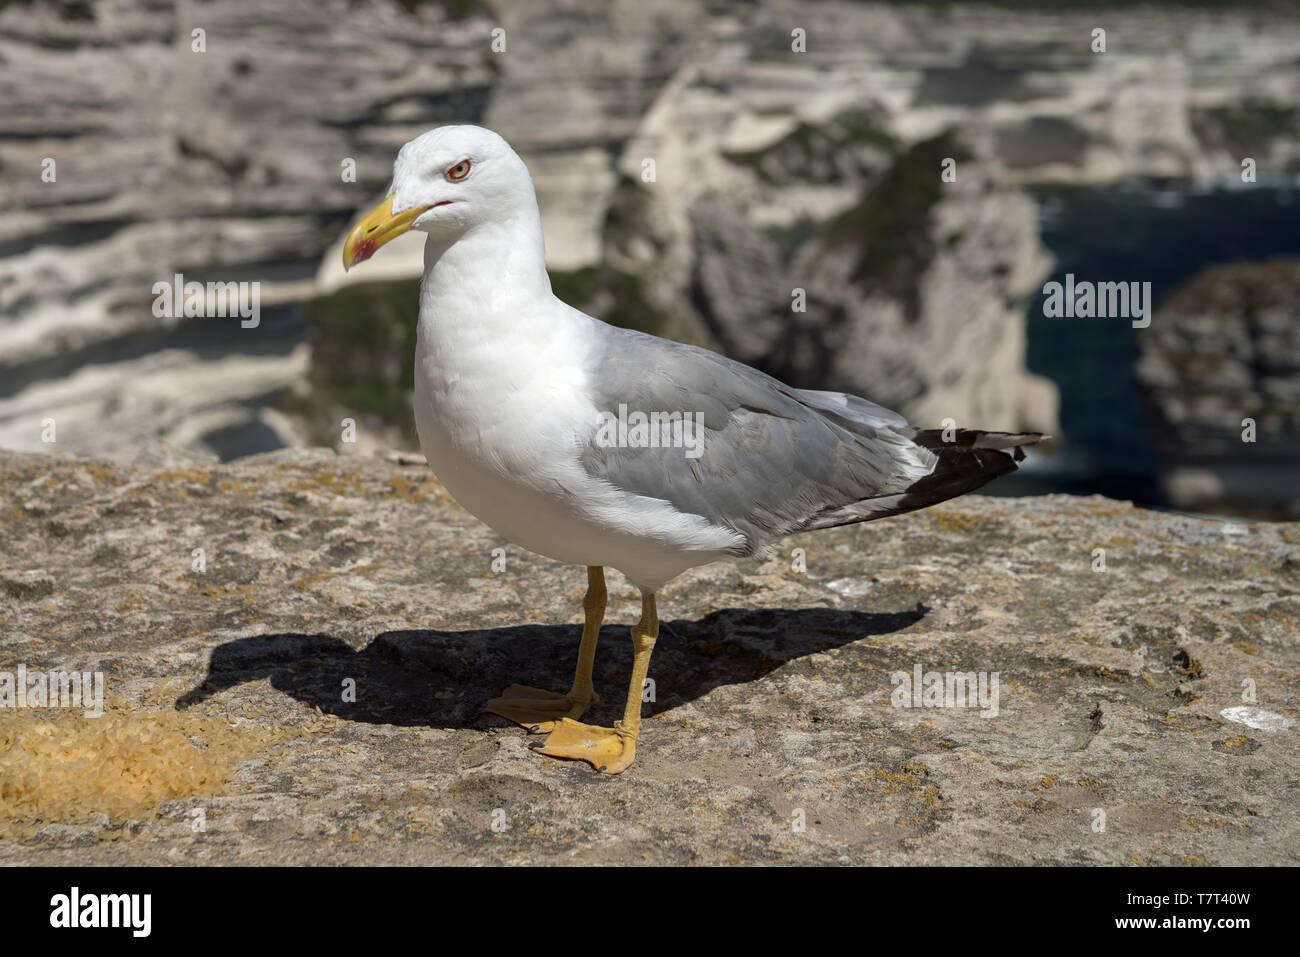 Yellow gull (Larus michahellis) close-up on a background of rocks. Mittelmeermöwe in Nahaufnahme vor dem hintergrund der Felsen. Mawa romańska. Stock Photo